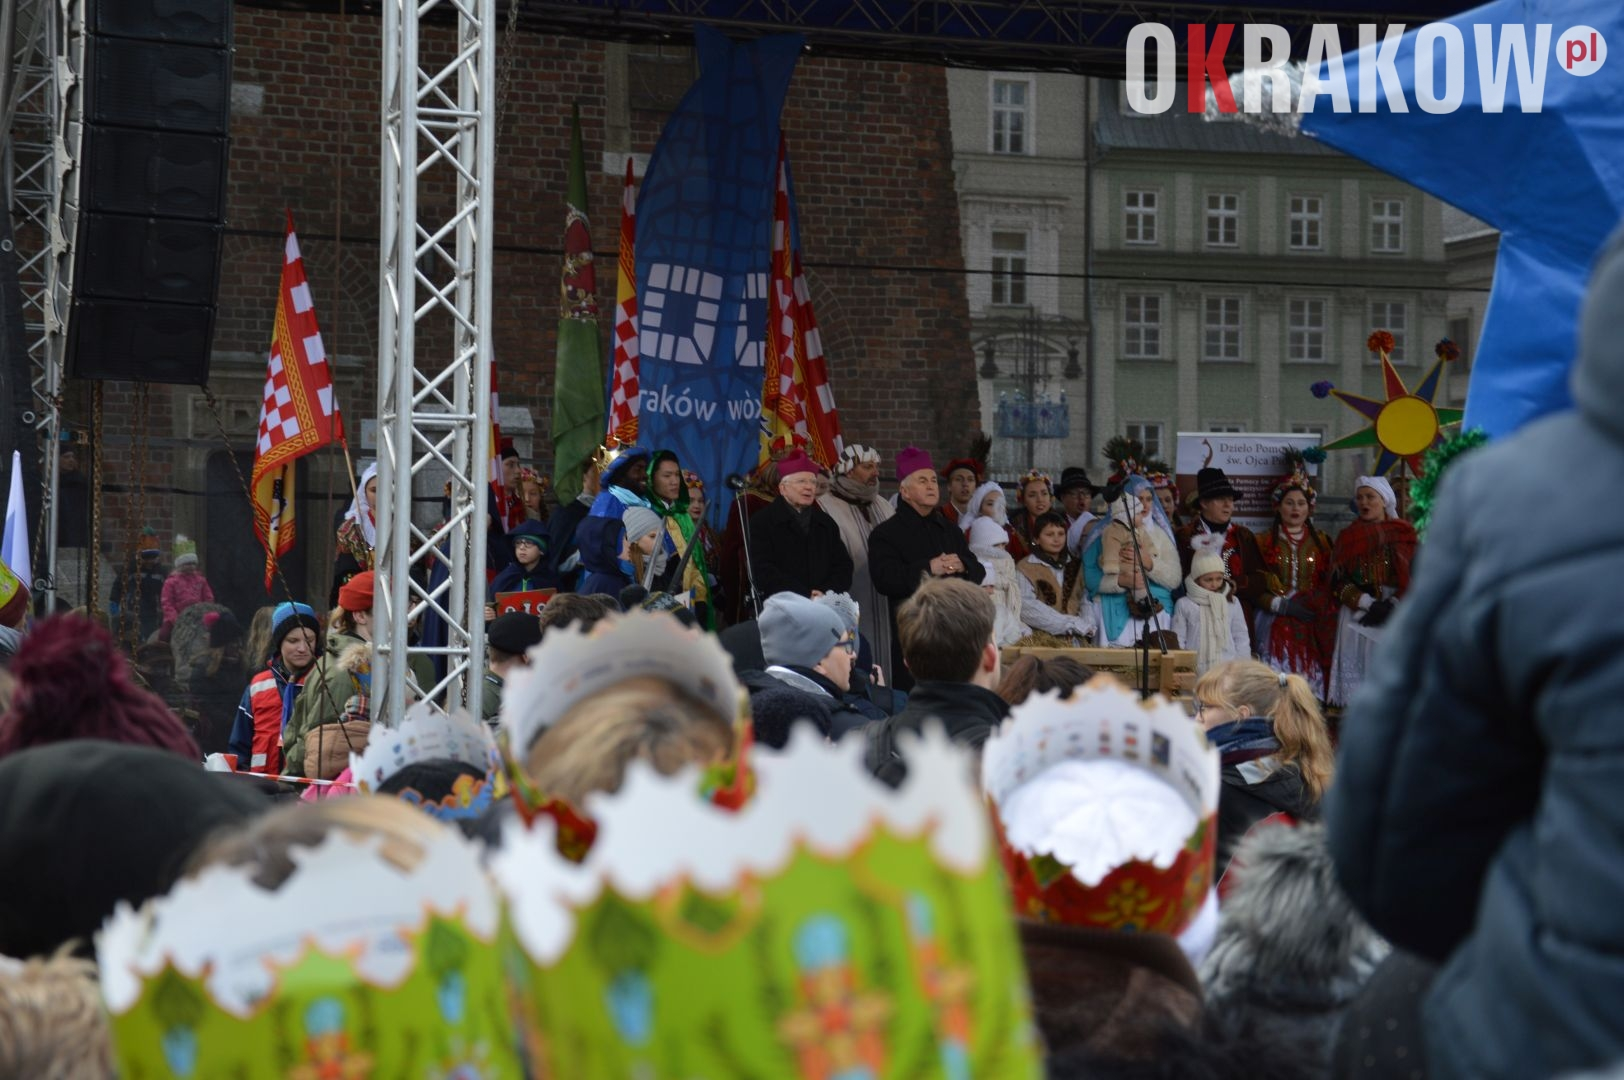 orszak 64 1 150x150 - Orszak Trzech Króli Kraków 2020 Galeria Zdjęć z Orszaku (czerwonego)